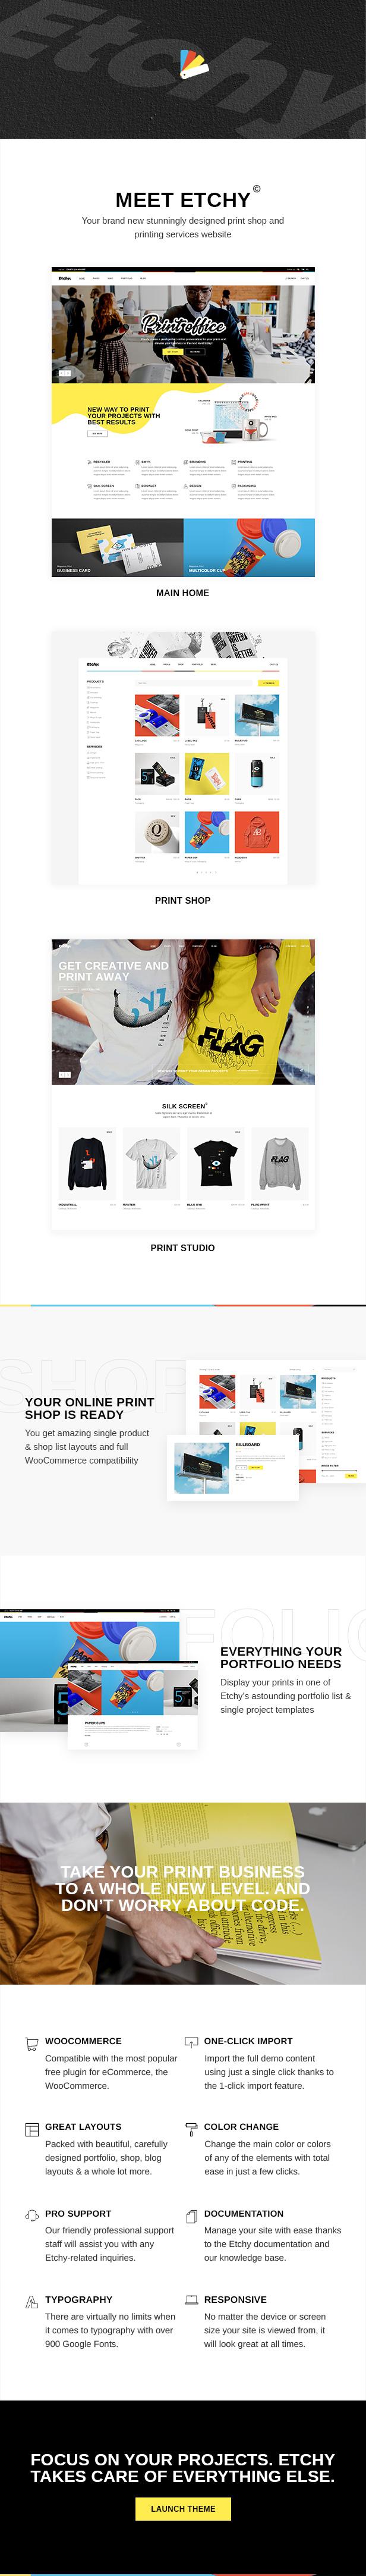 Etchy - Print Shop WordPress Theme - 1